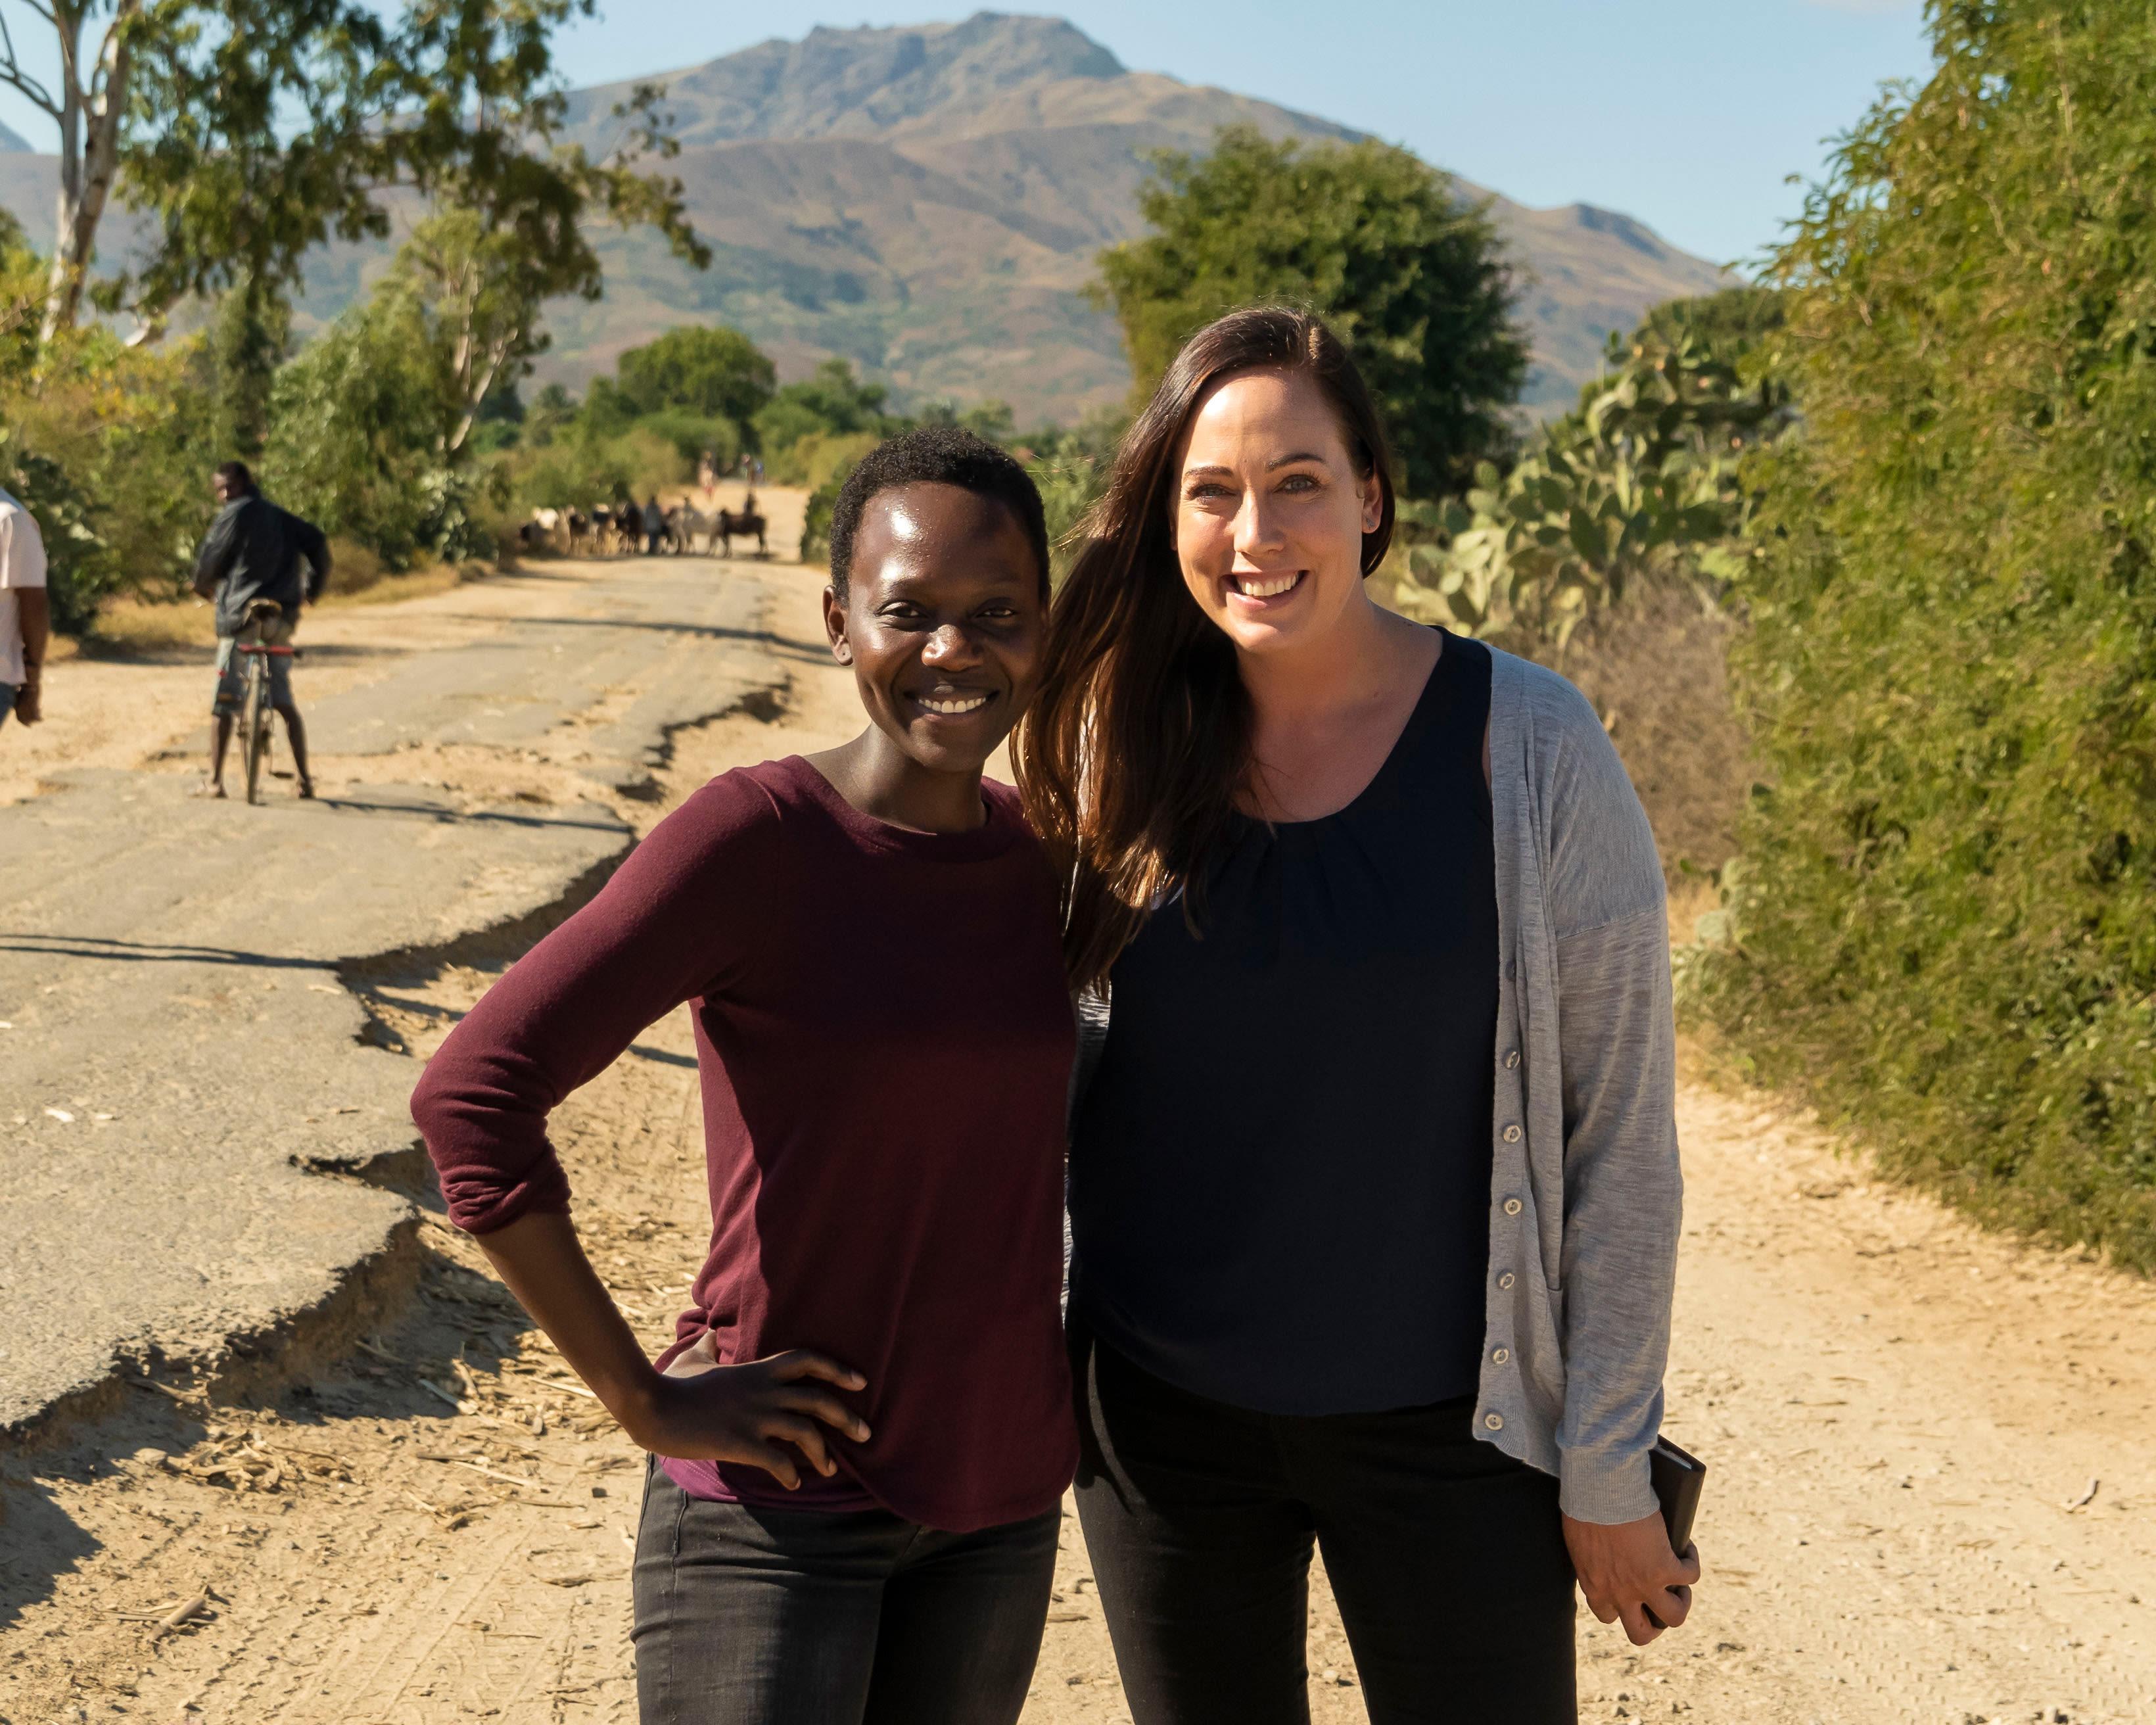 Butikkmedarbeider Mercy Oginere og assisterende butikksjef Linda M. Jensen reiste med KIWI og UNICEF til Madagaskar for å se resultatet av det pågående vannprosjektet der nede.